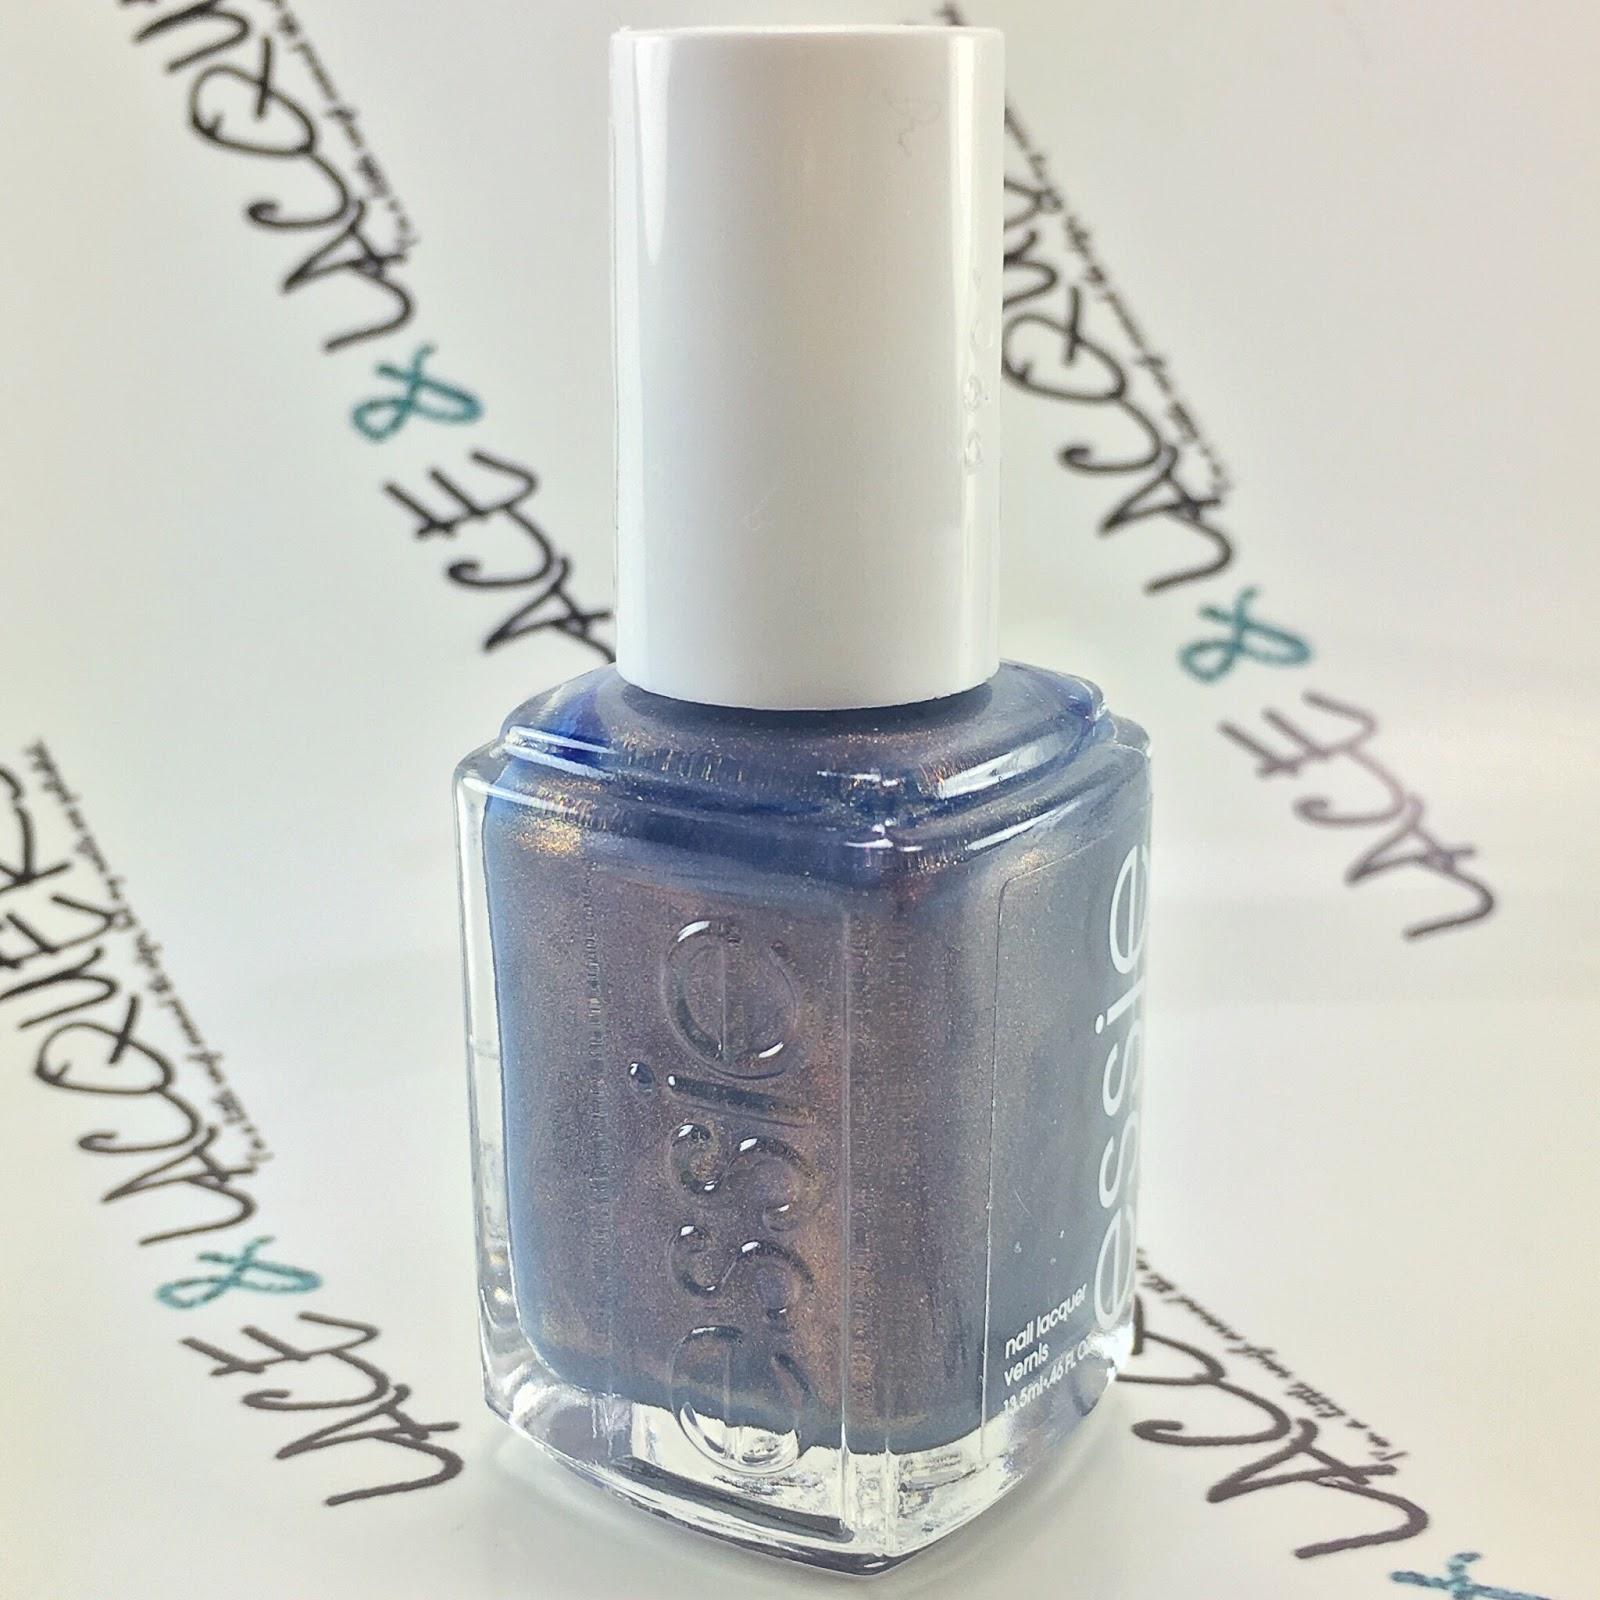 Nail Polish Essie Blue - Creative Touch